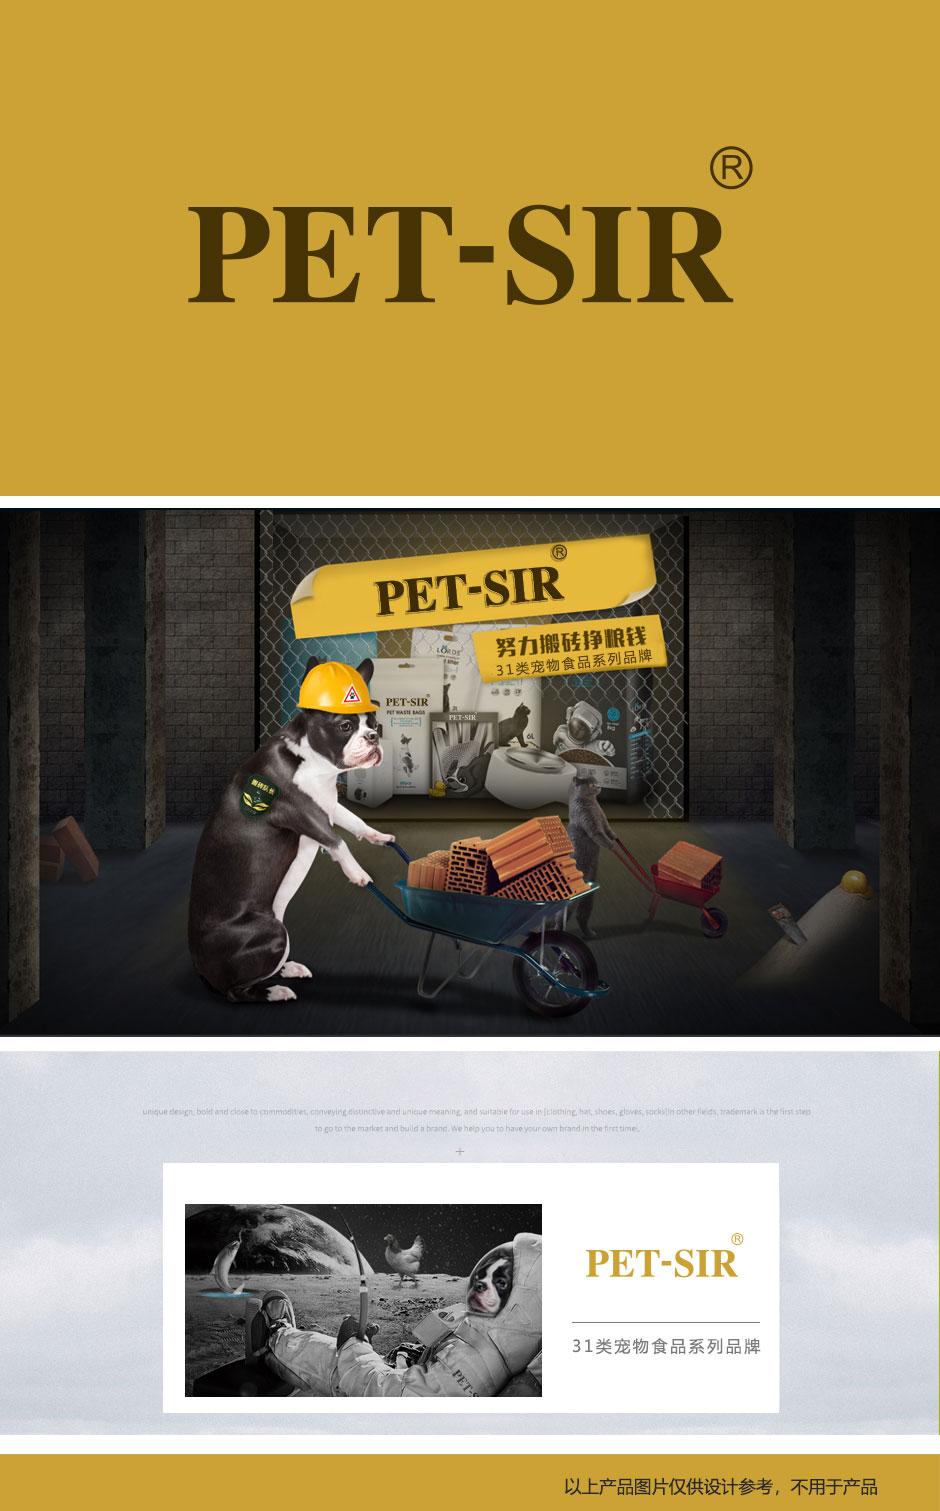 第31类-PET SIR